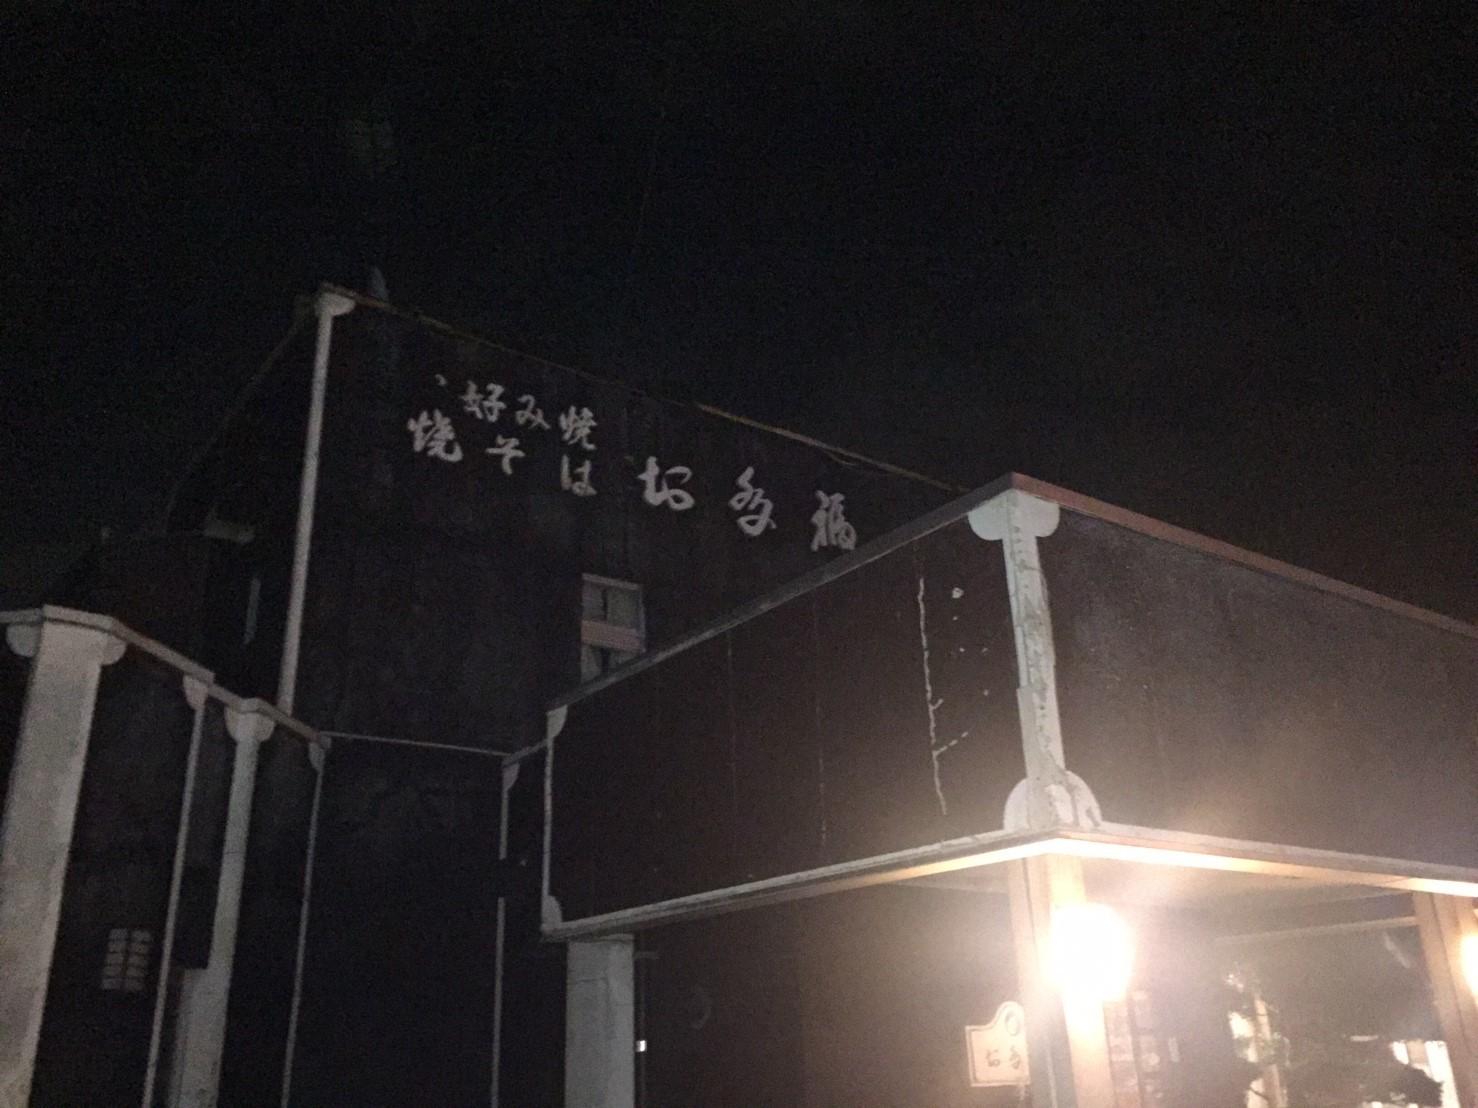 お好み焼き お多福  肉玉&ミックス_e0115904_08464513.jpg